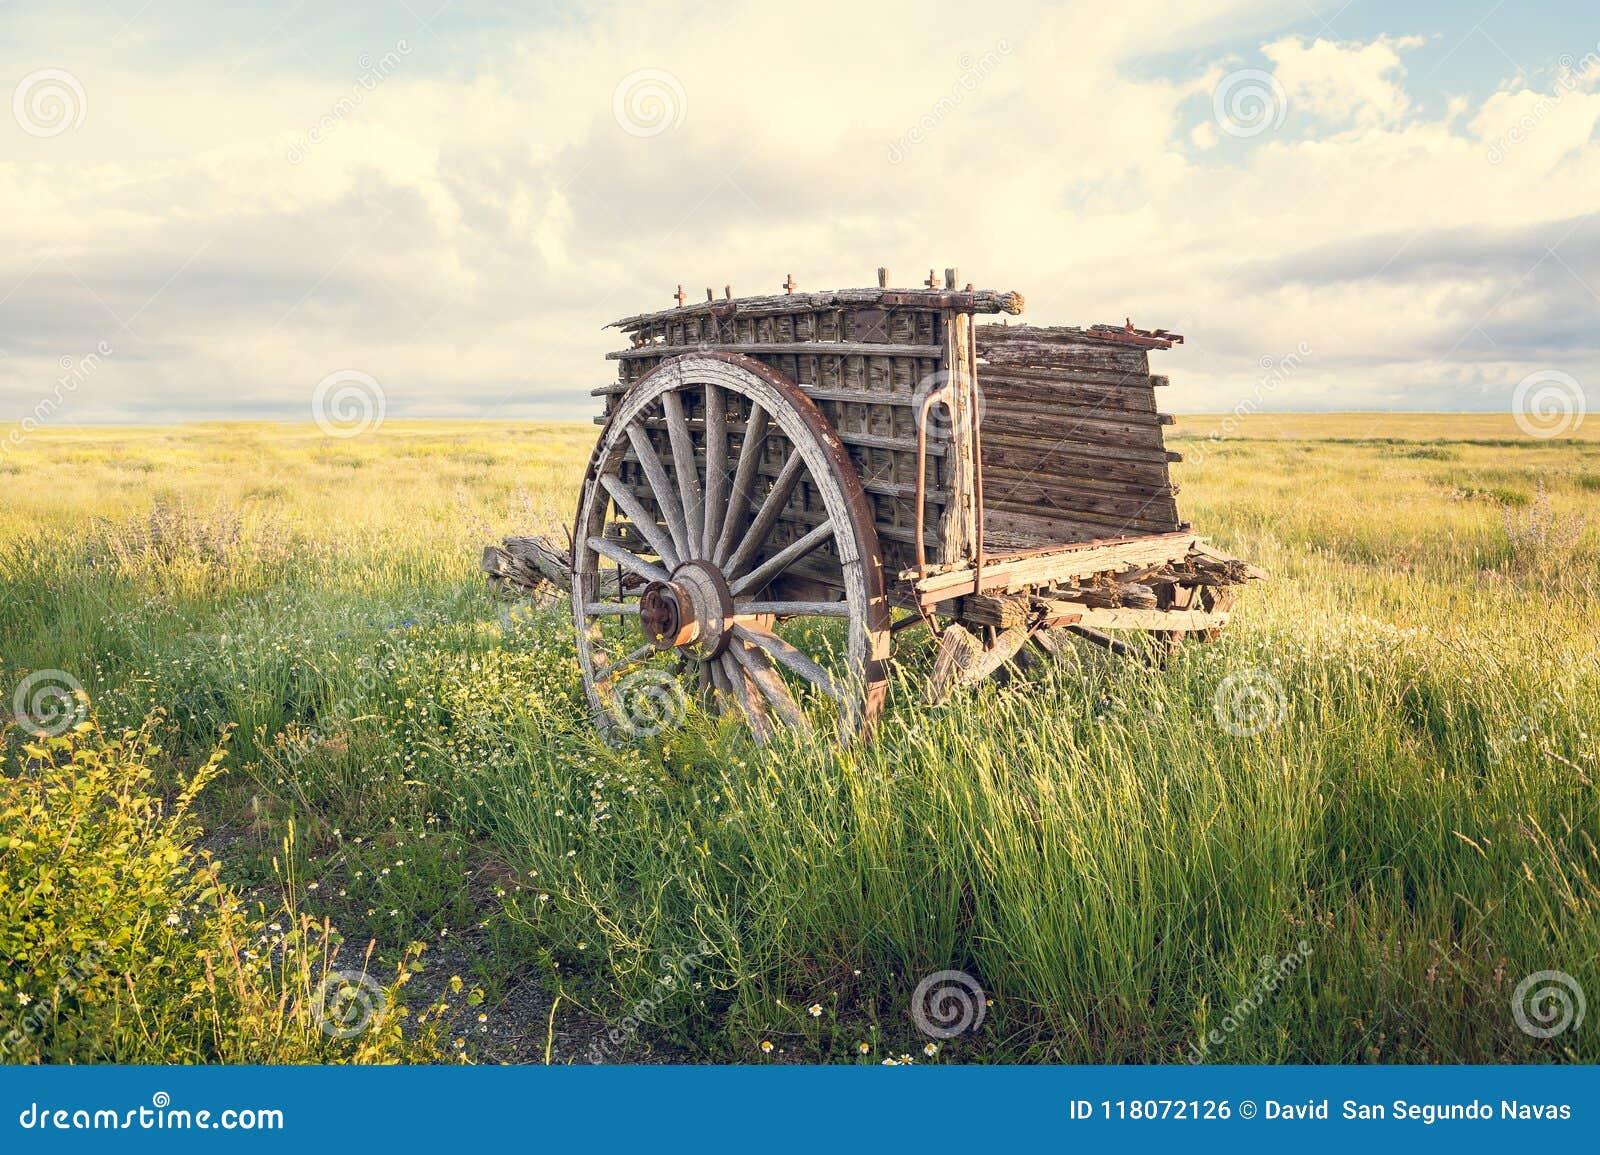 Copertura In Legno Isolata : Vecchio carrello di legno nella priorità alta isolata nel suo